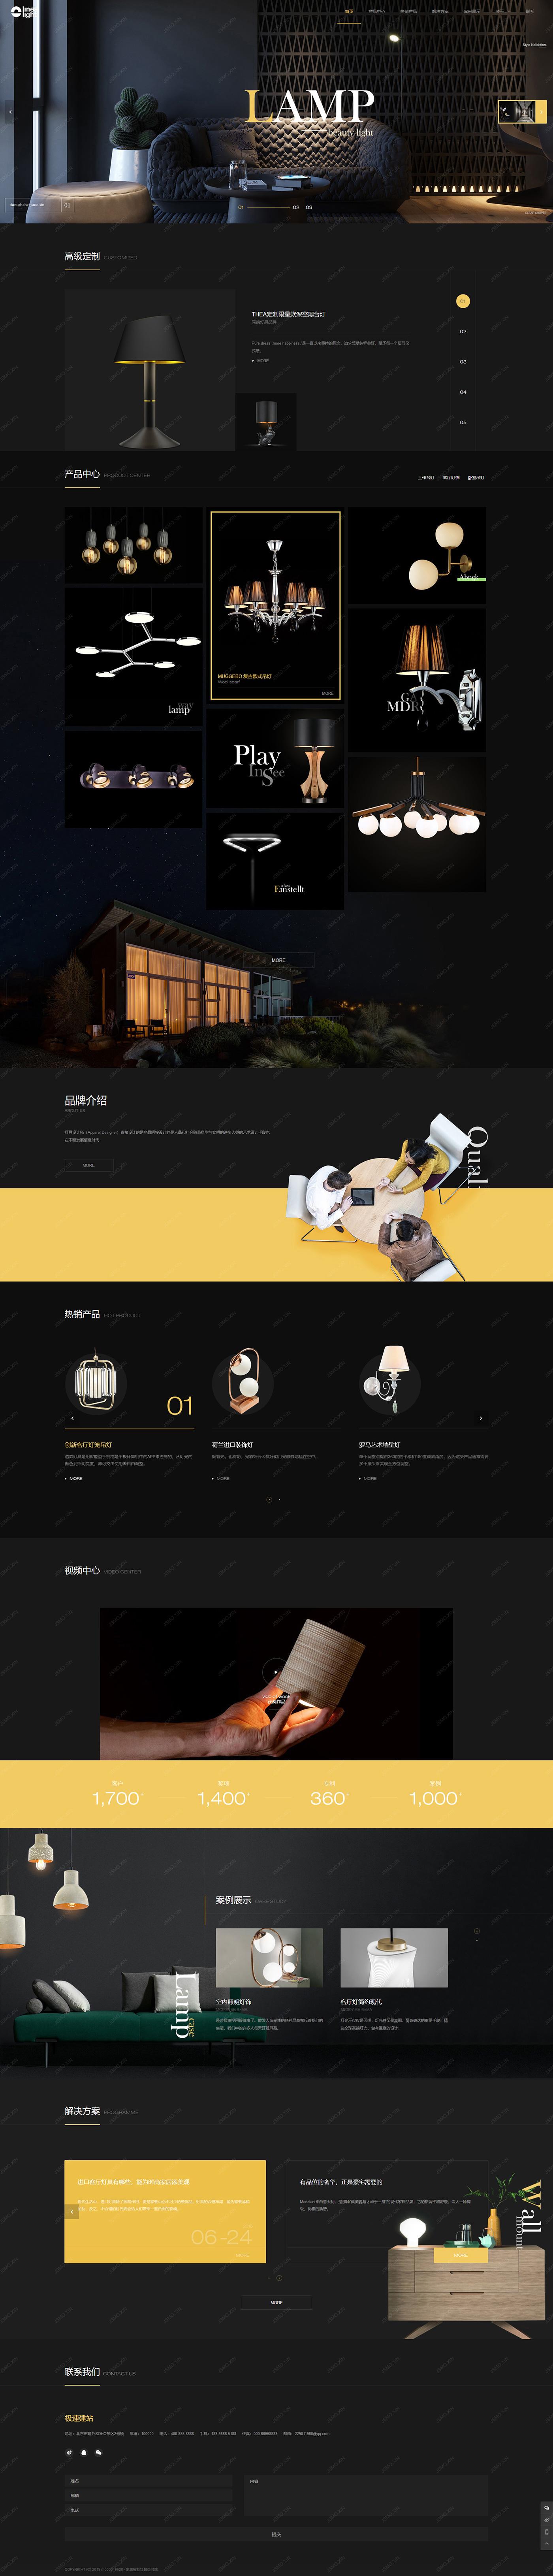 高端家居用品灯具饰品类织梦模板网站-90咸鱼网